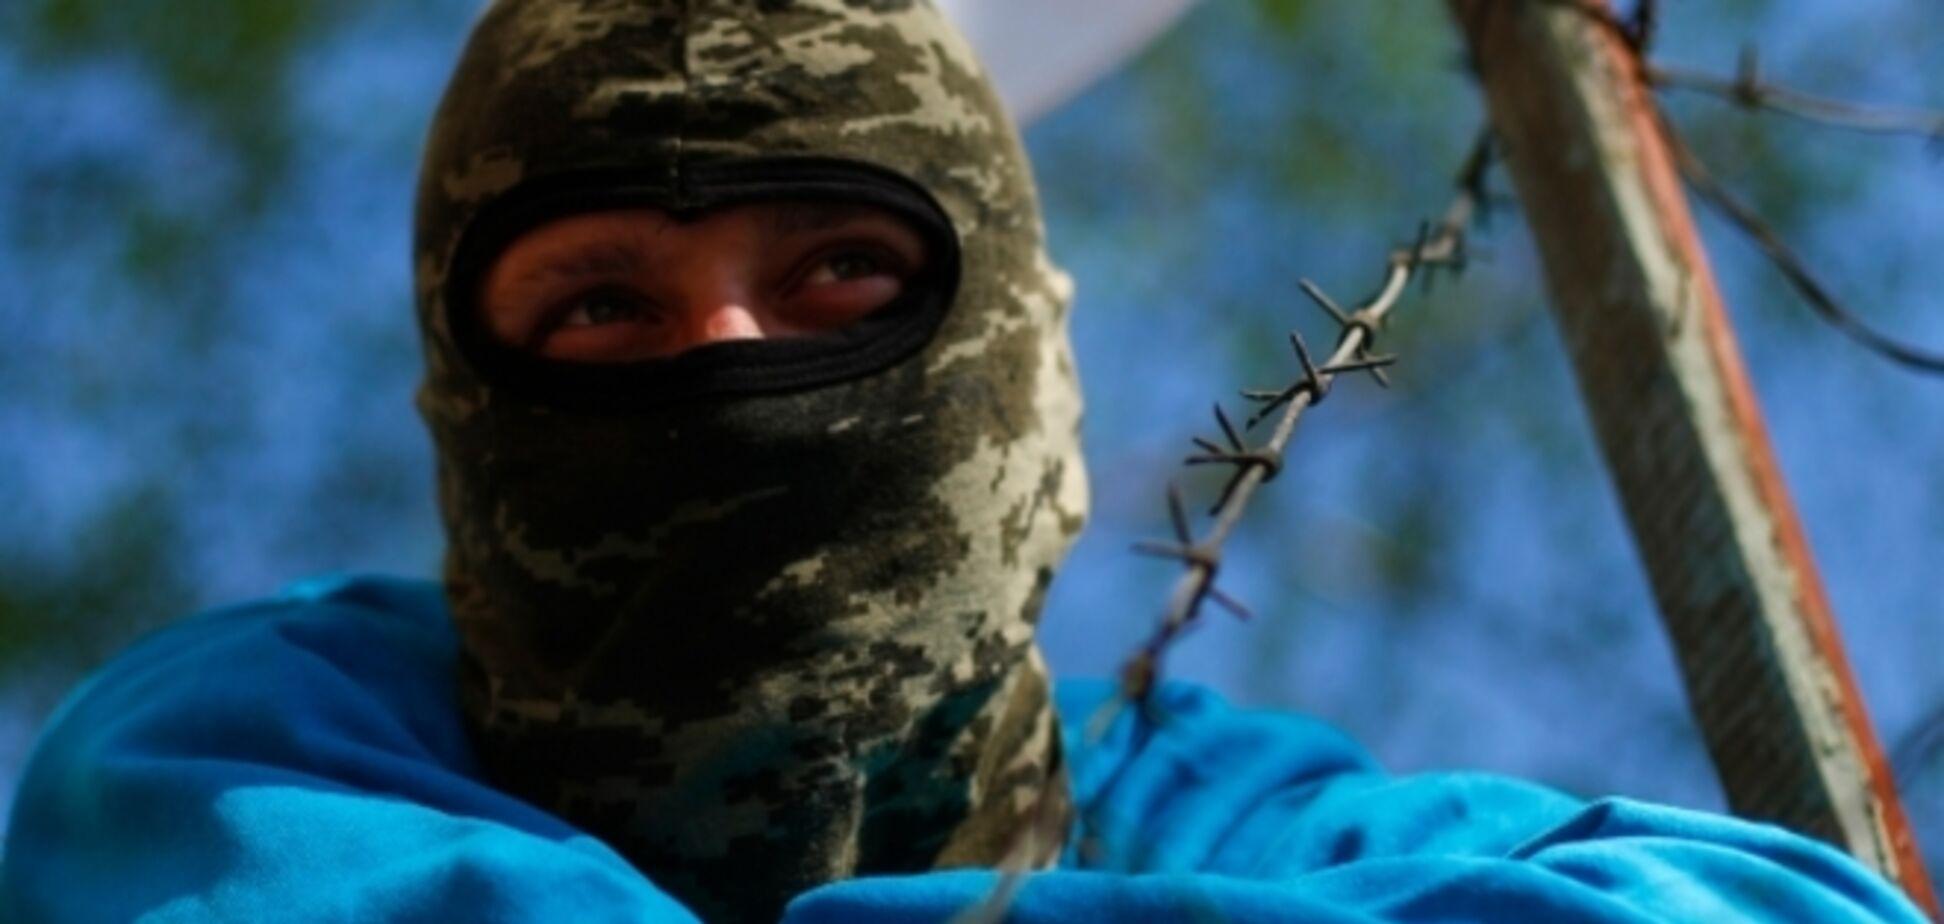 Жители Славянска в шоке: сепаратисты избили детей   - ДонОГА